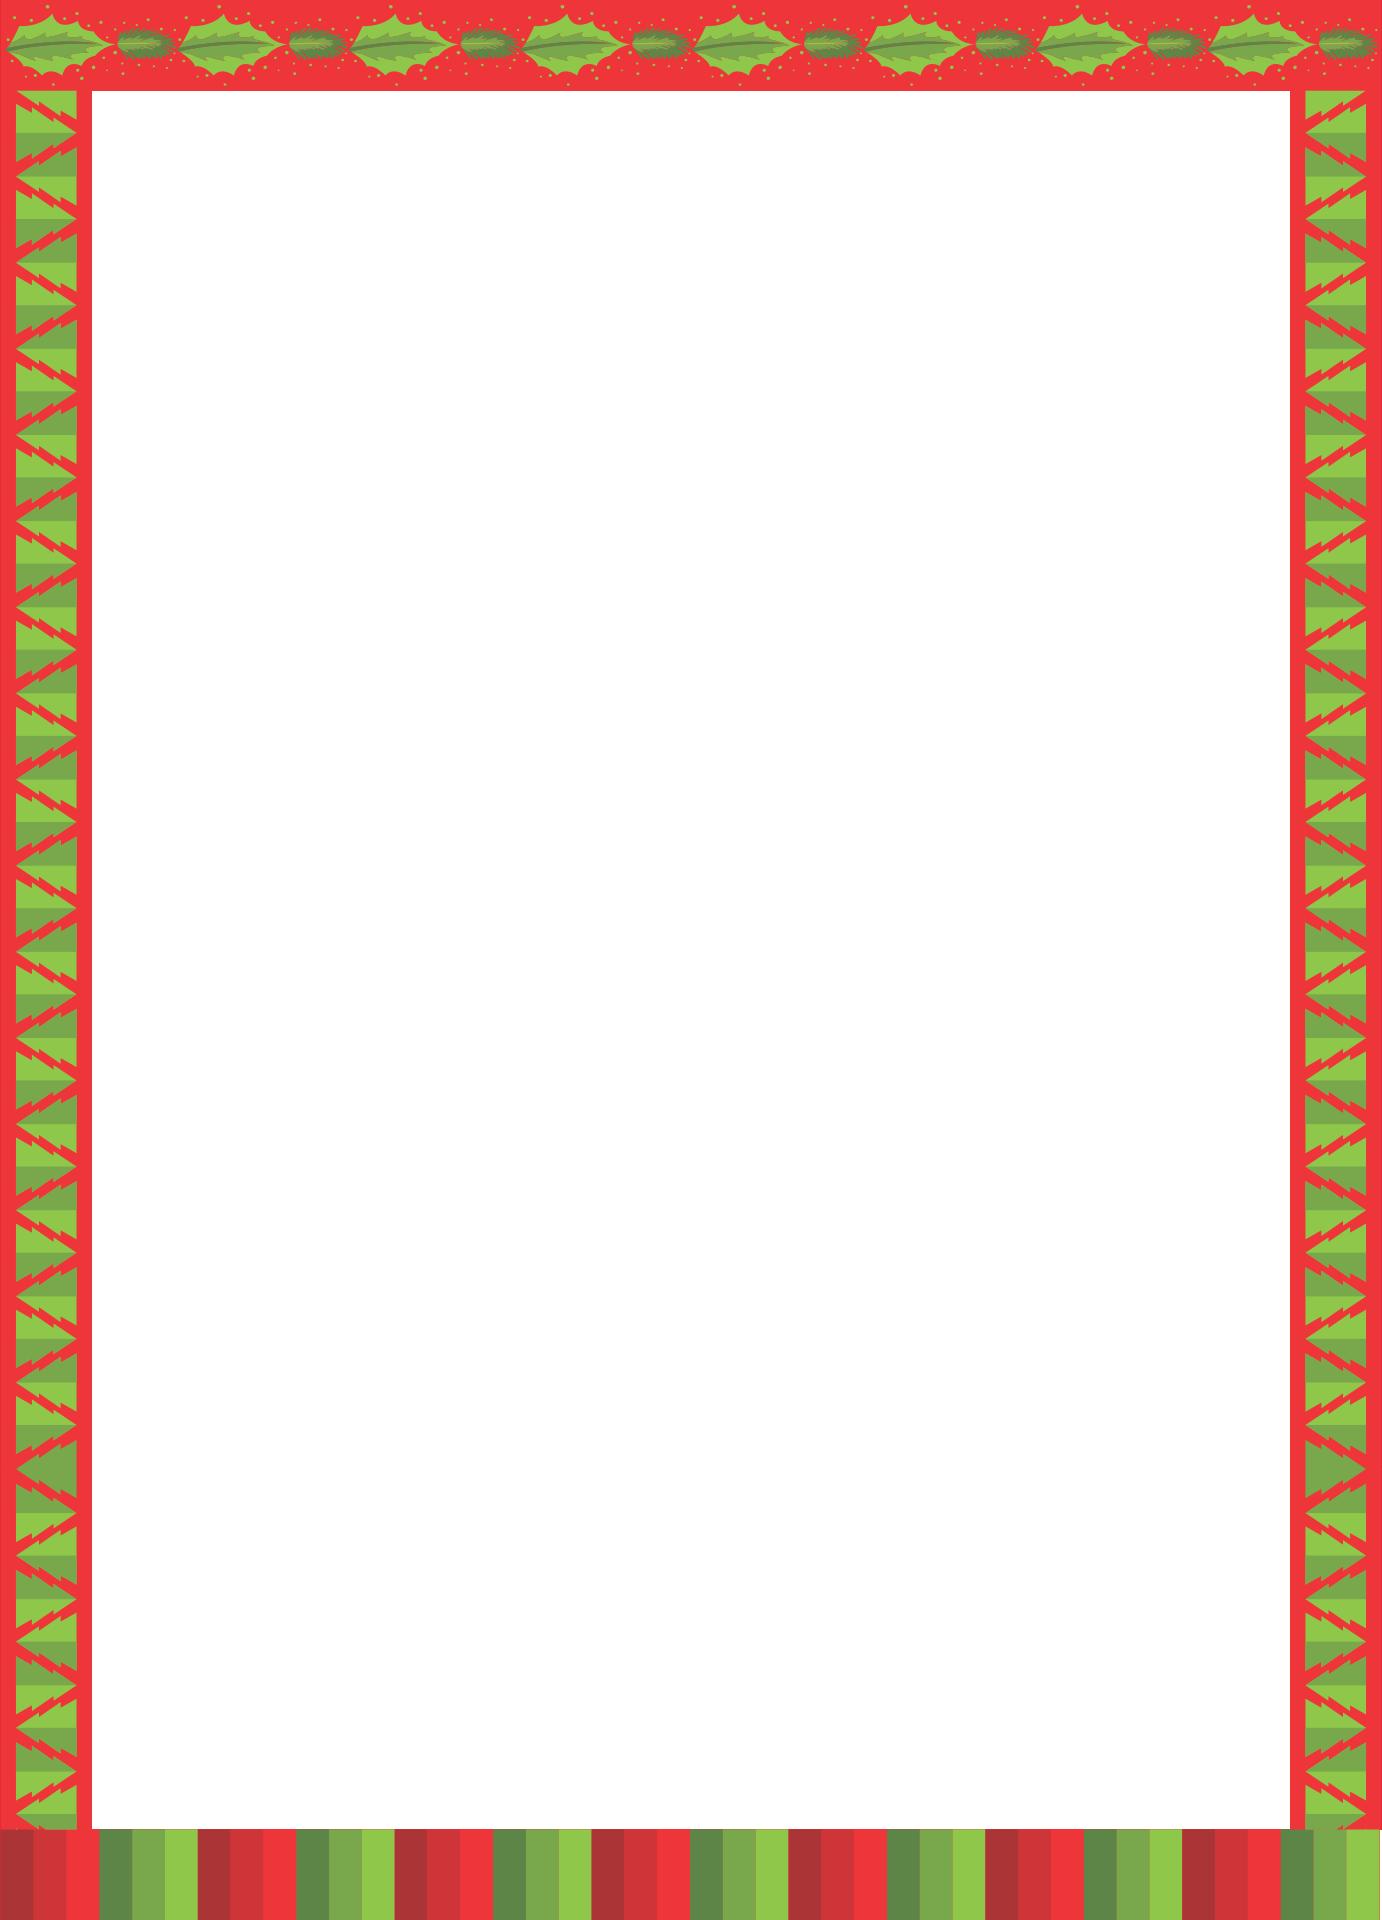 Printable Christmas Stationery Borders